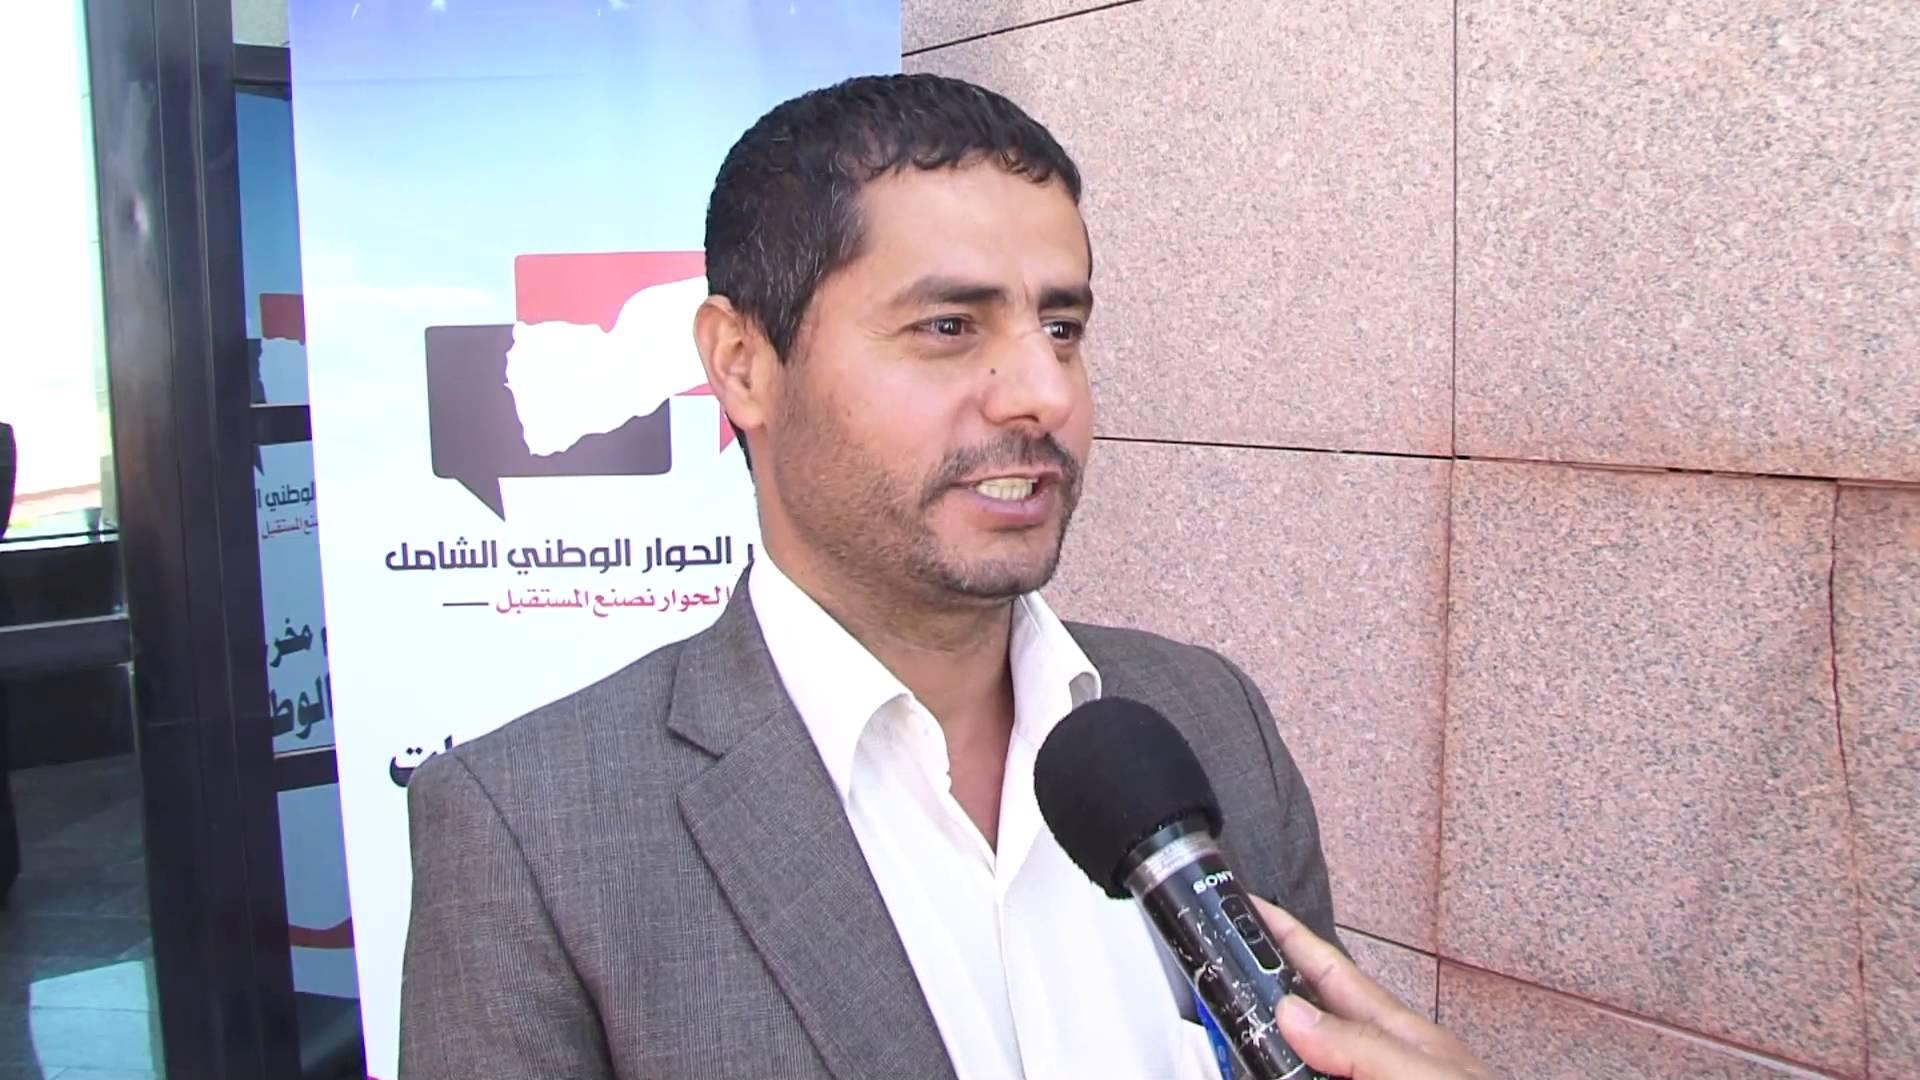 بعد هزائم متلاحقة.. الحوثيون مستعدون للانسحاب من المدن وتسليم أسلحتهم